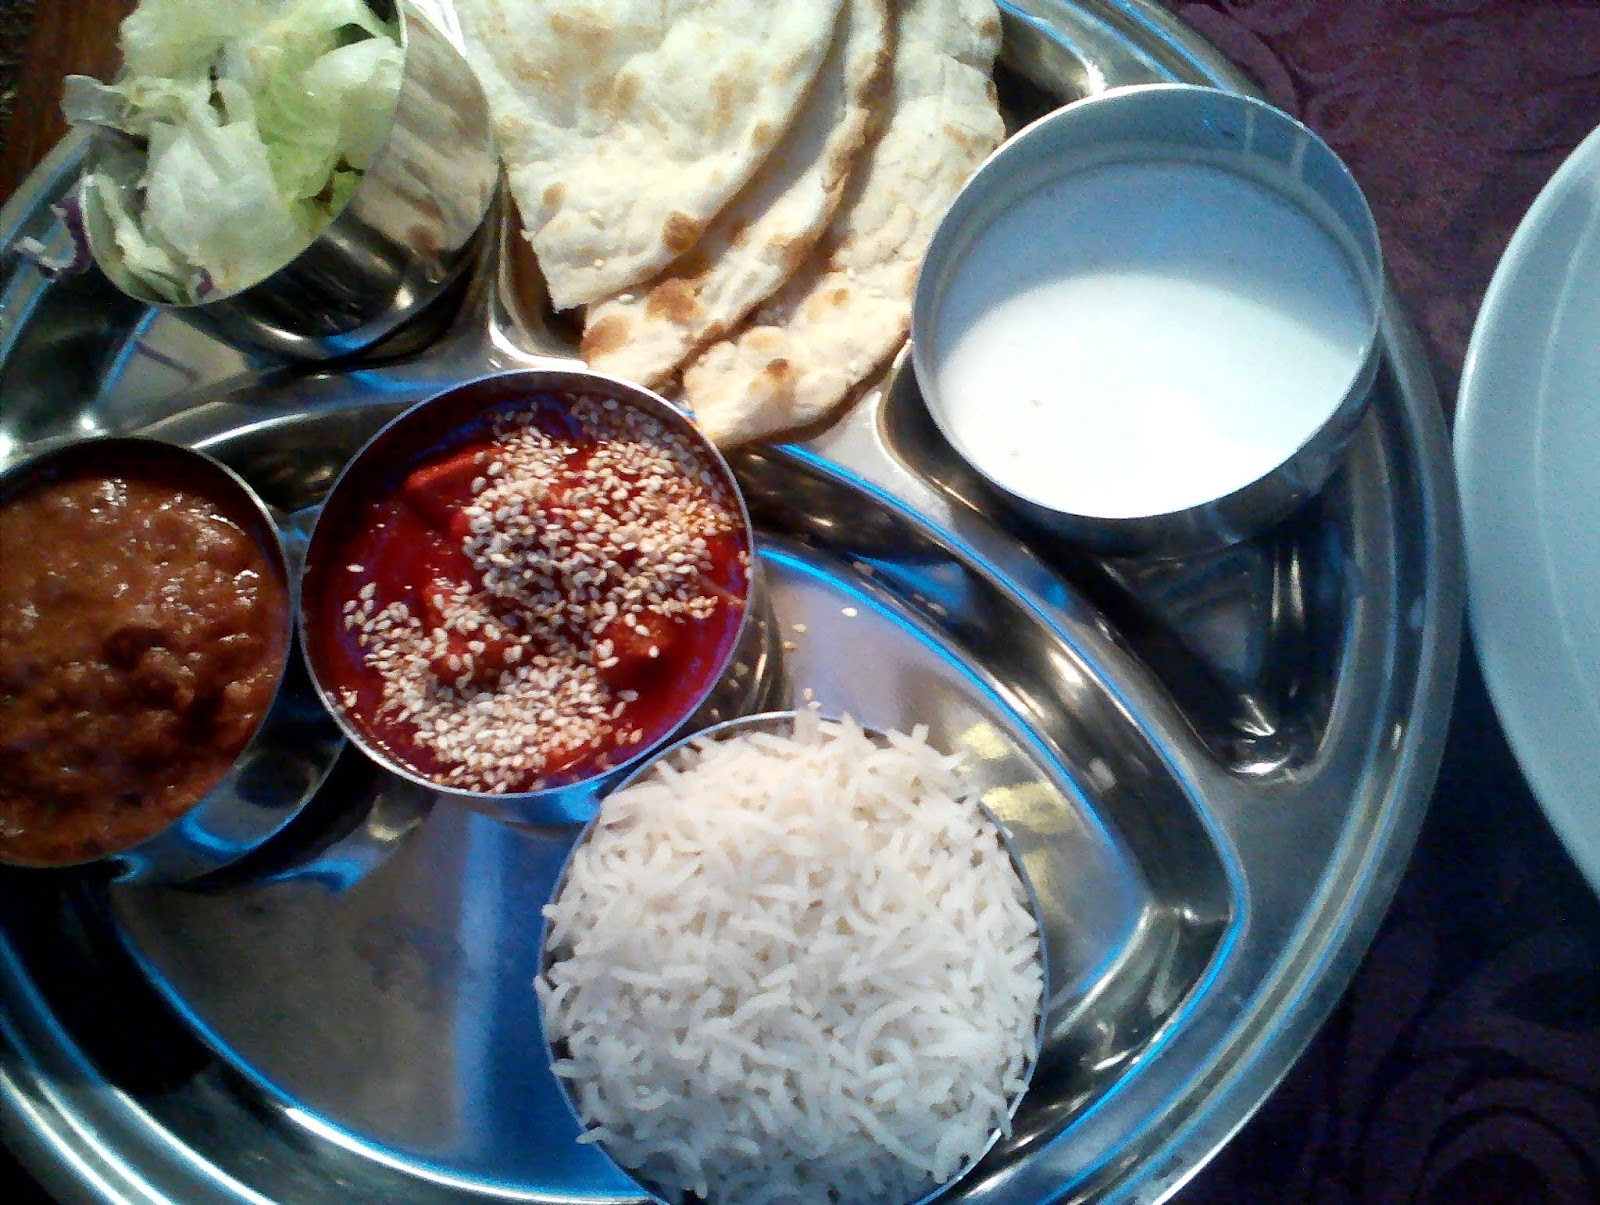 Lunch W Rubaru Kuchnia Indyjska Konkursy Gadzety Przepisy